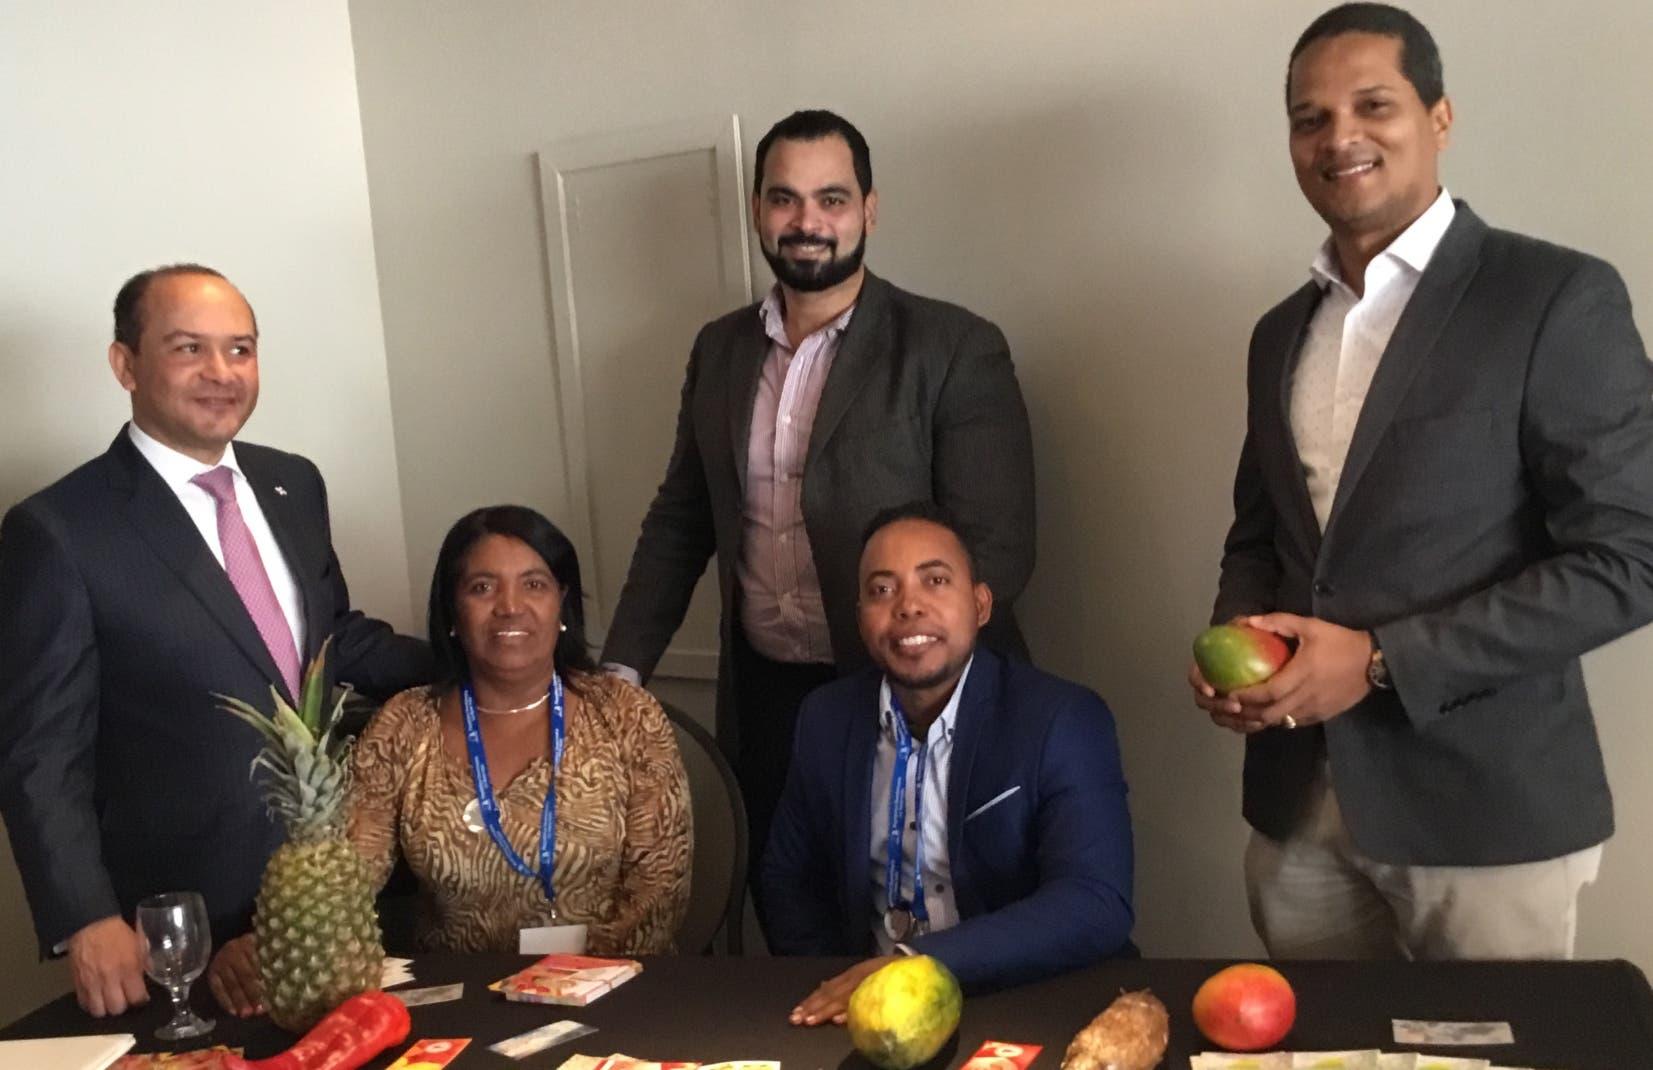 El embajador dominicano Bruinny Garabito Segura acompañado de parte de la delegación dominicana.  FUENTE EXTERNA.